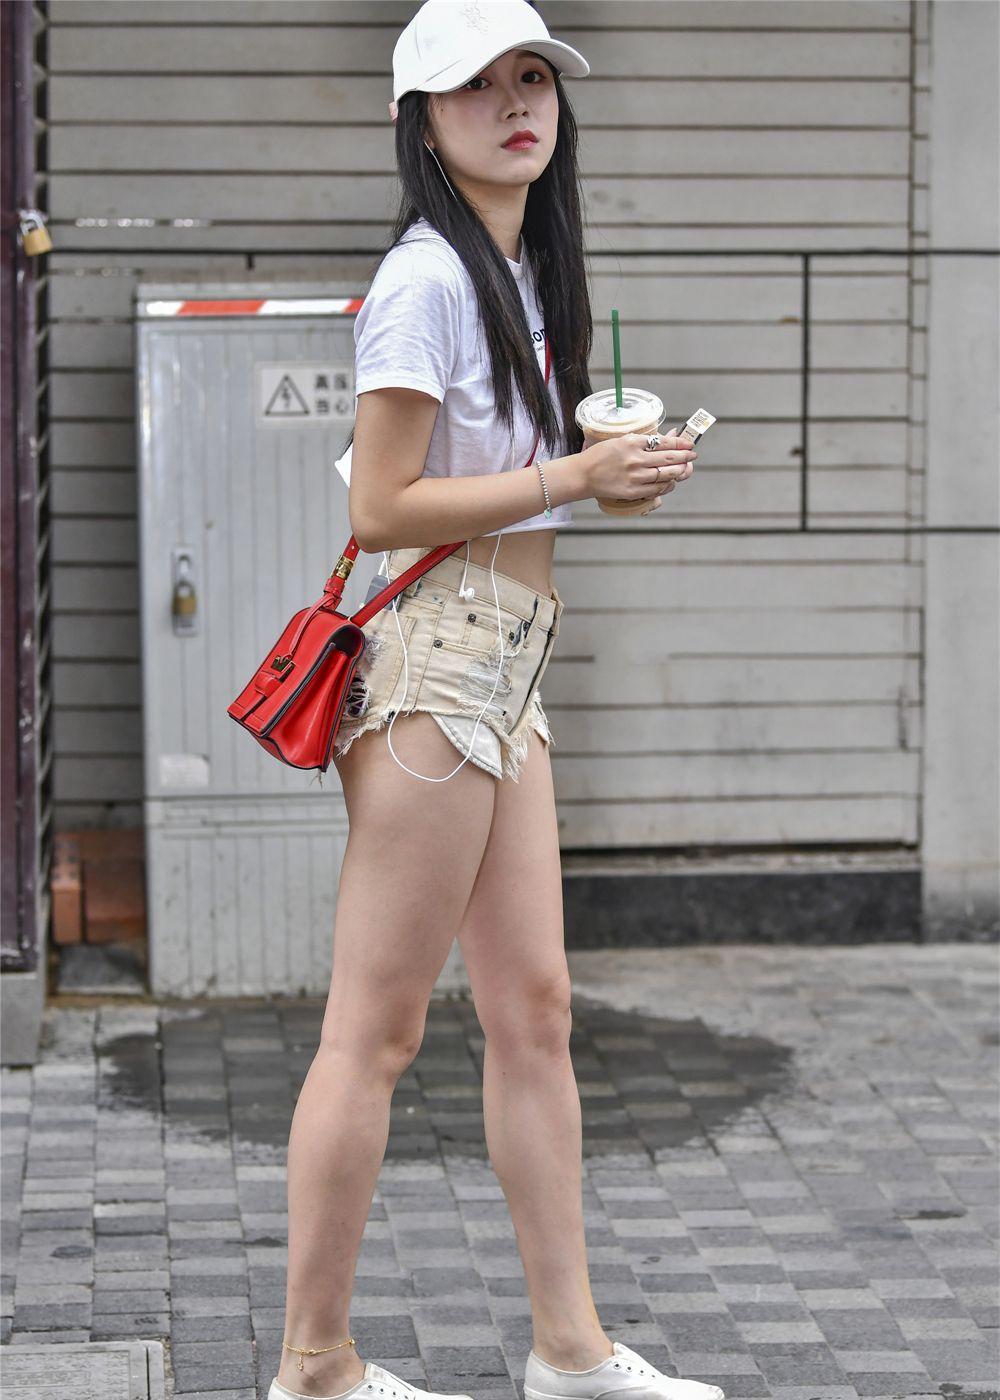 街拍:清纯美女穿着时尚,肌肤白皙,她的美颠覆了我的审美观!